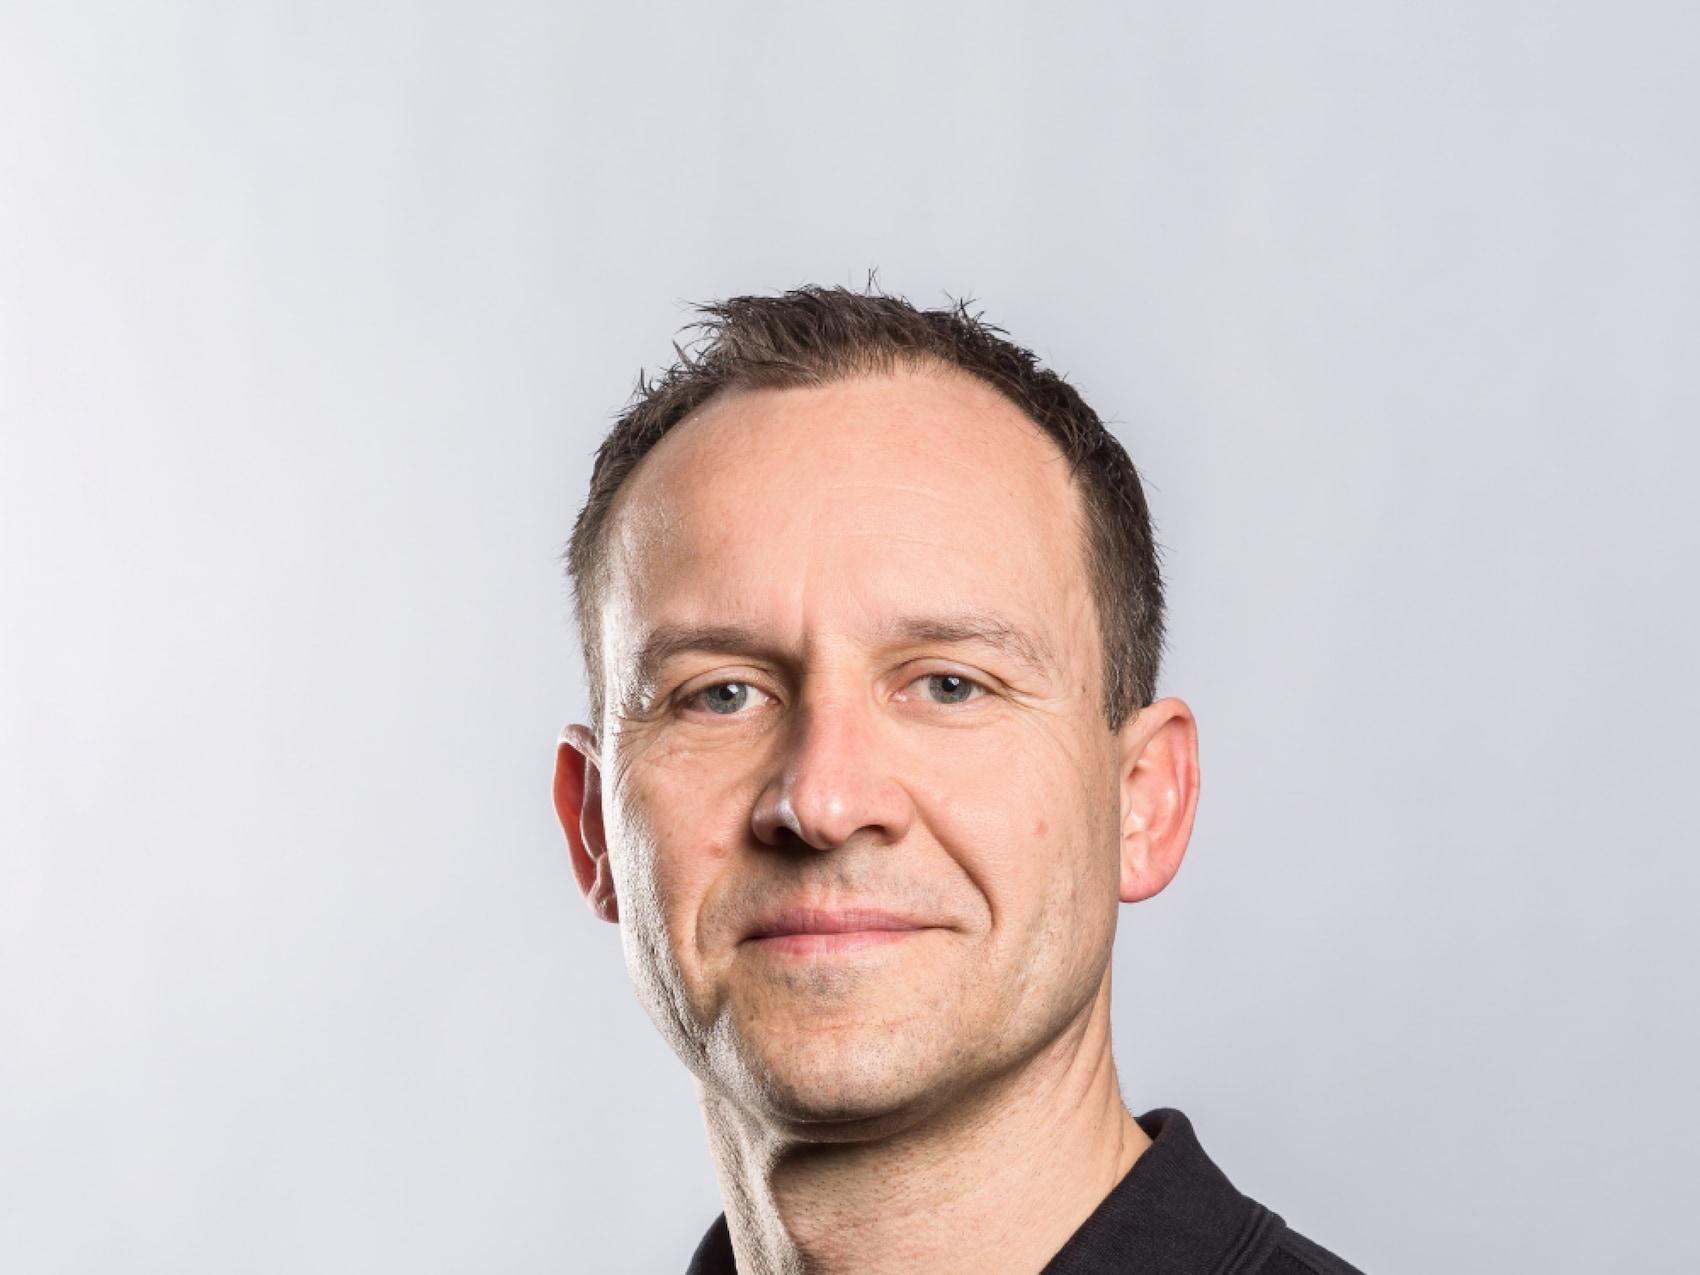 team-sc-Dresden-Jänichen-Mike